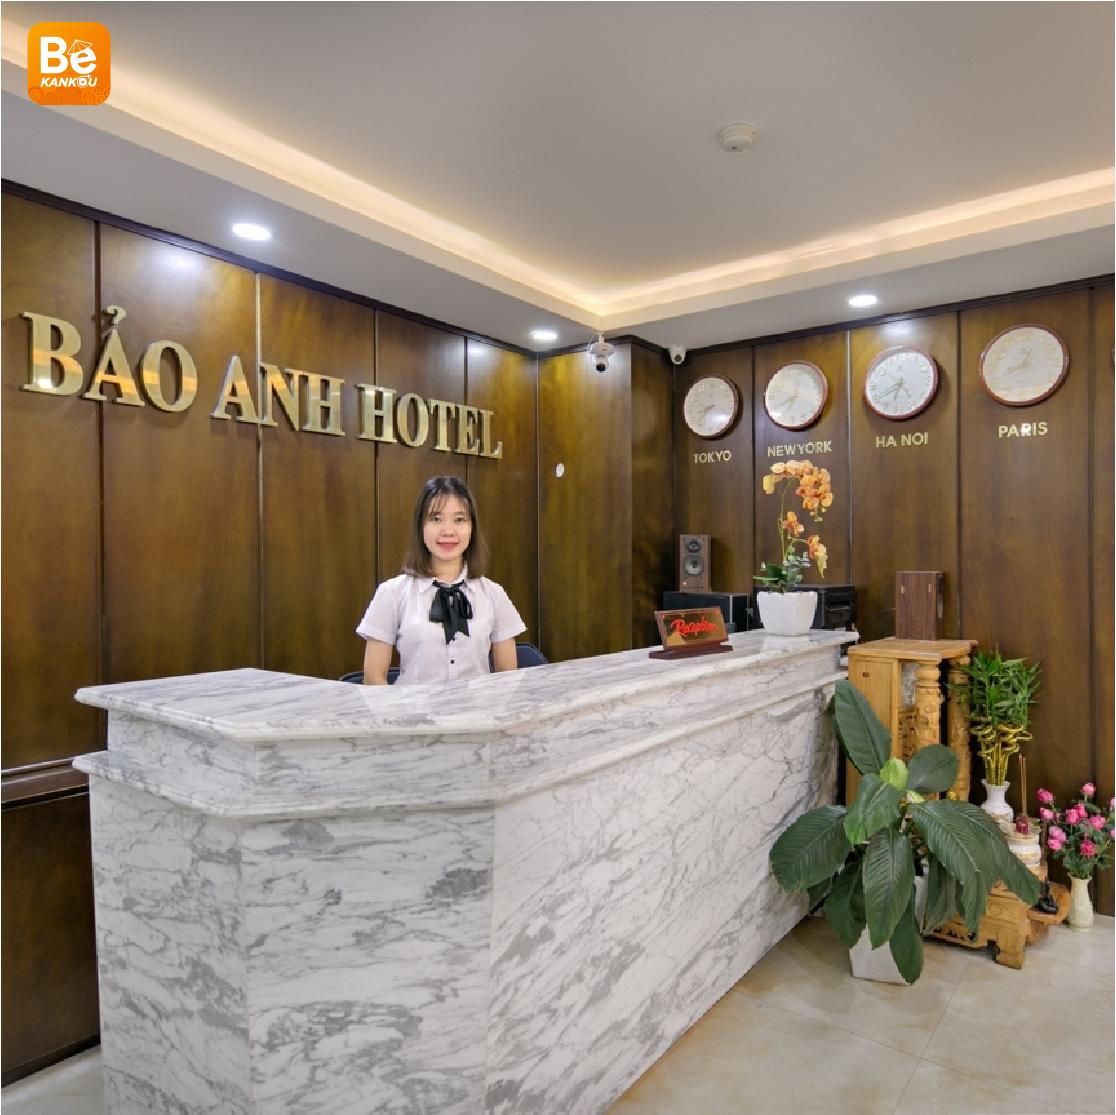 ダナンにおける良い質、安い価格のホテル、モーテル